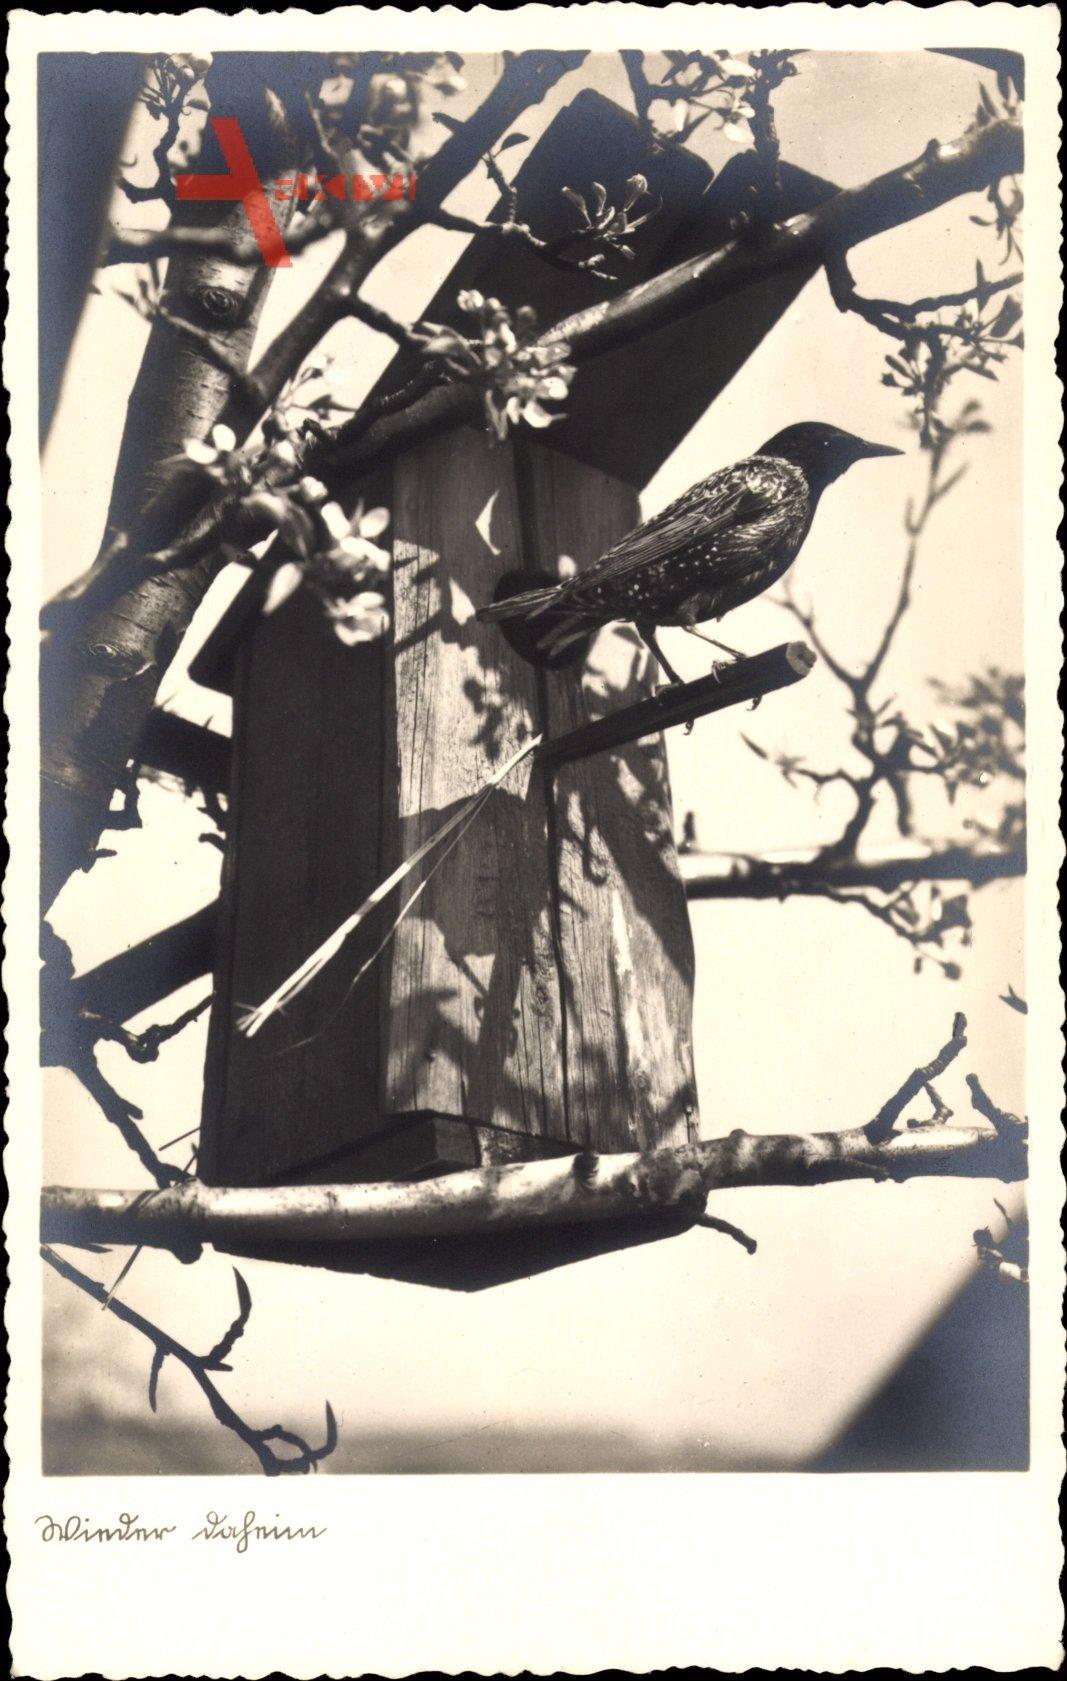 Wieder daheim, Vogel sitzt am Vogelhaus, Frühling, Baumblüte